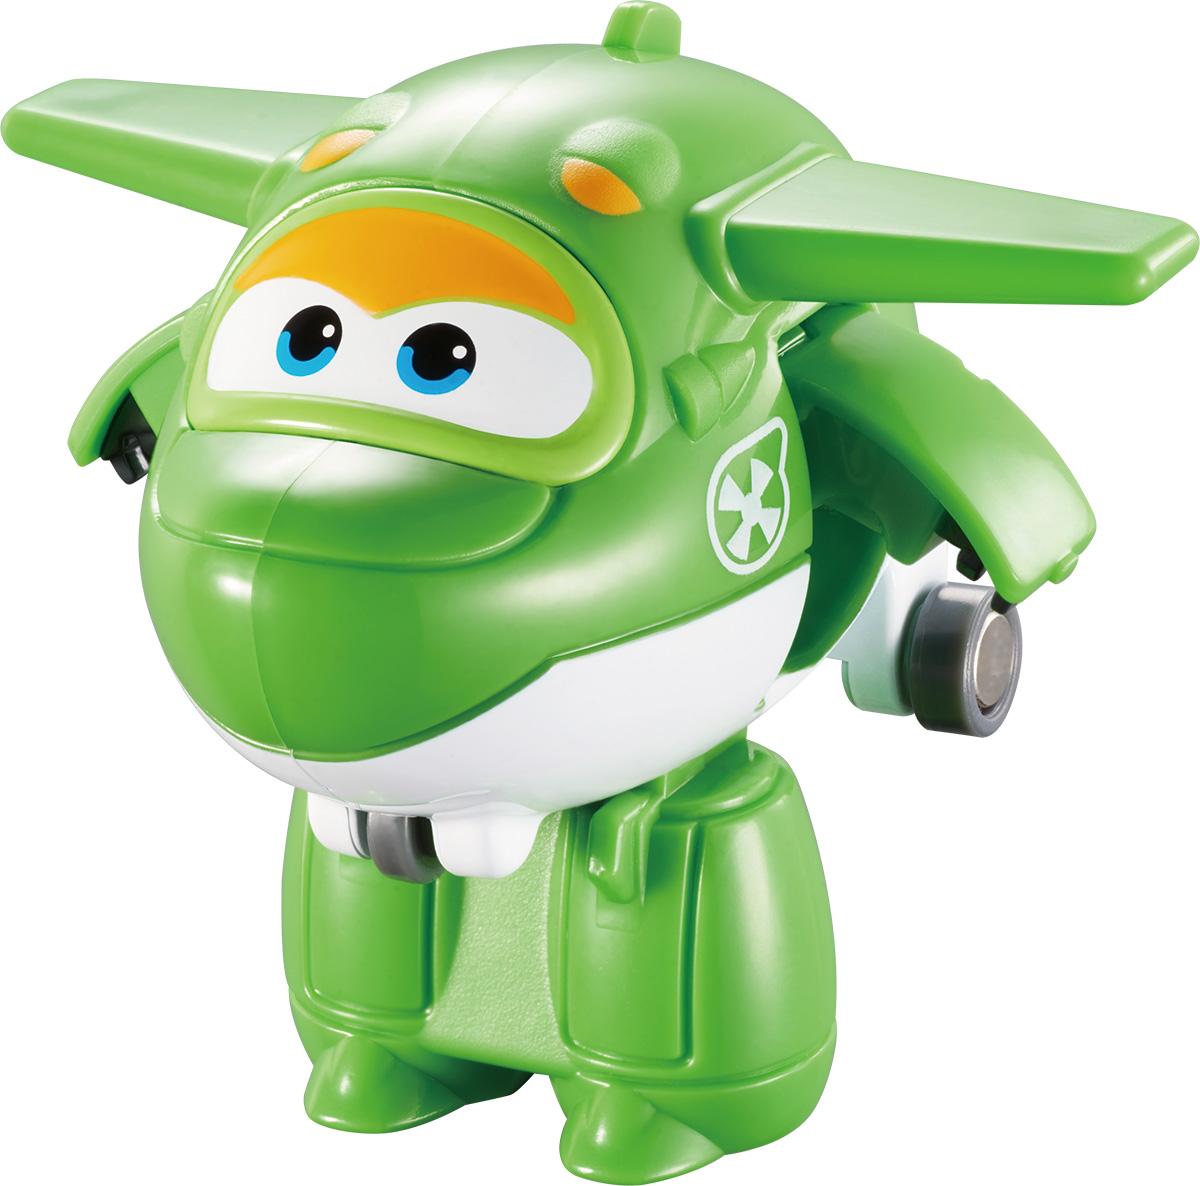 Super Wings Мини-трансформер МираYW710080Мини-трансформеры - самые маленькие трансформеры Супер крылья. Каждый герой элементарно трансформируется в робота и обратно в три шага.